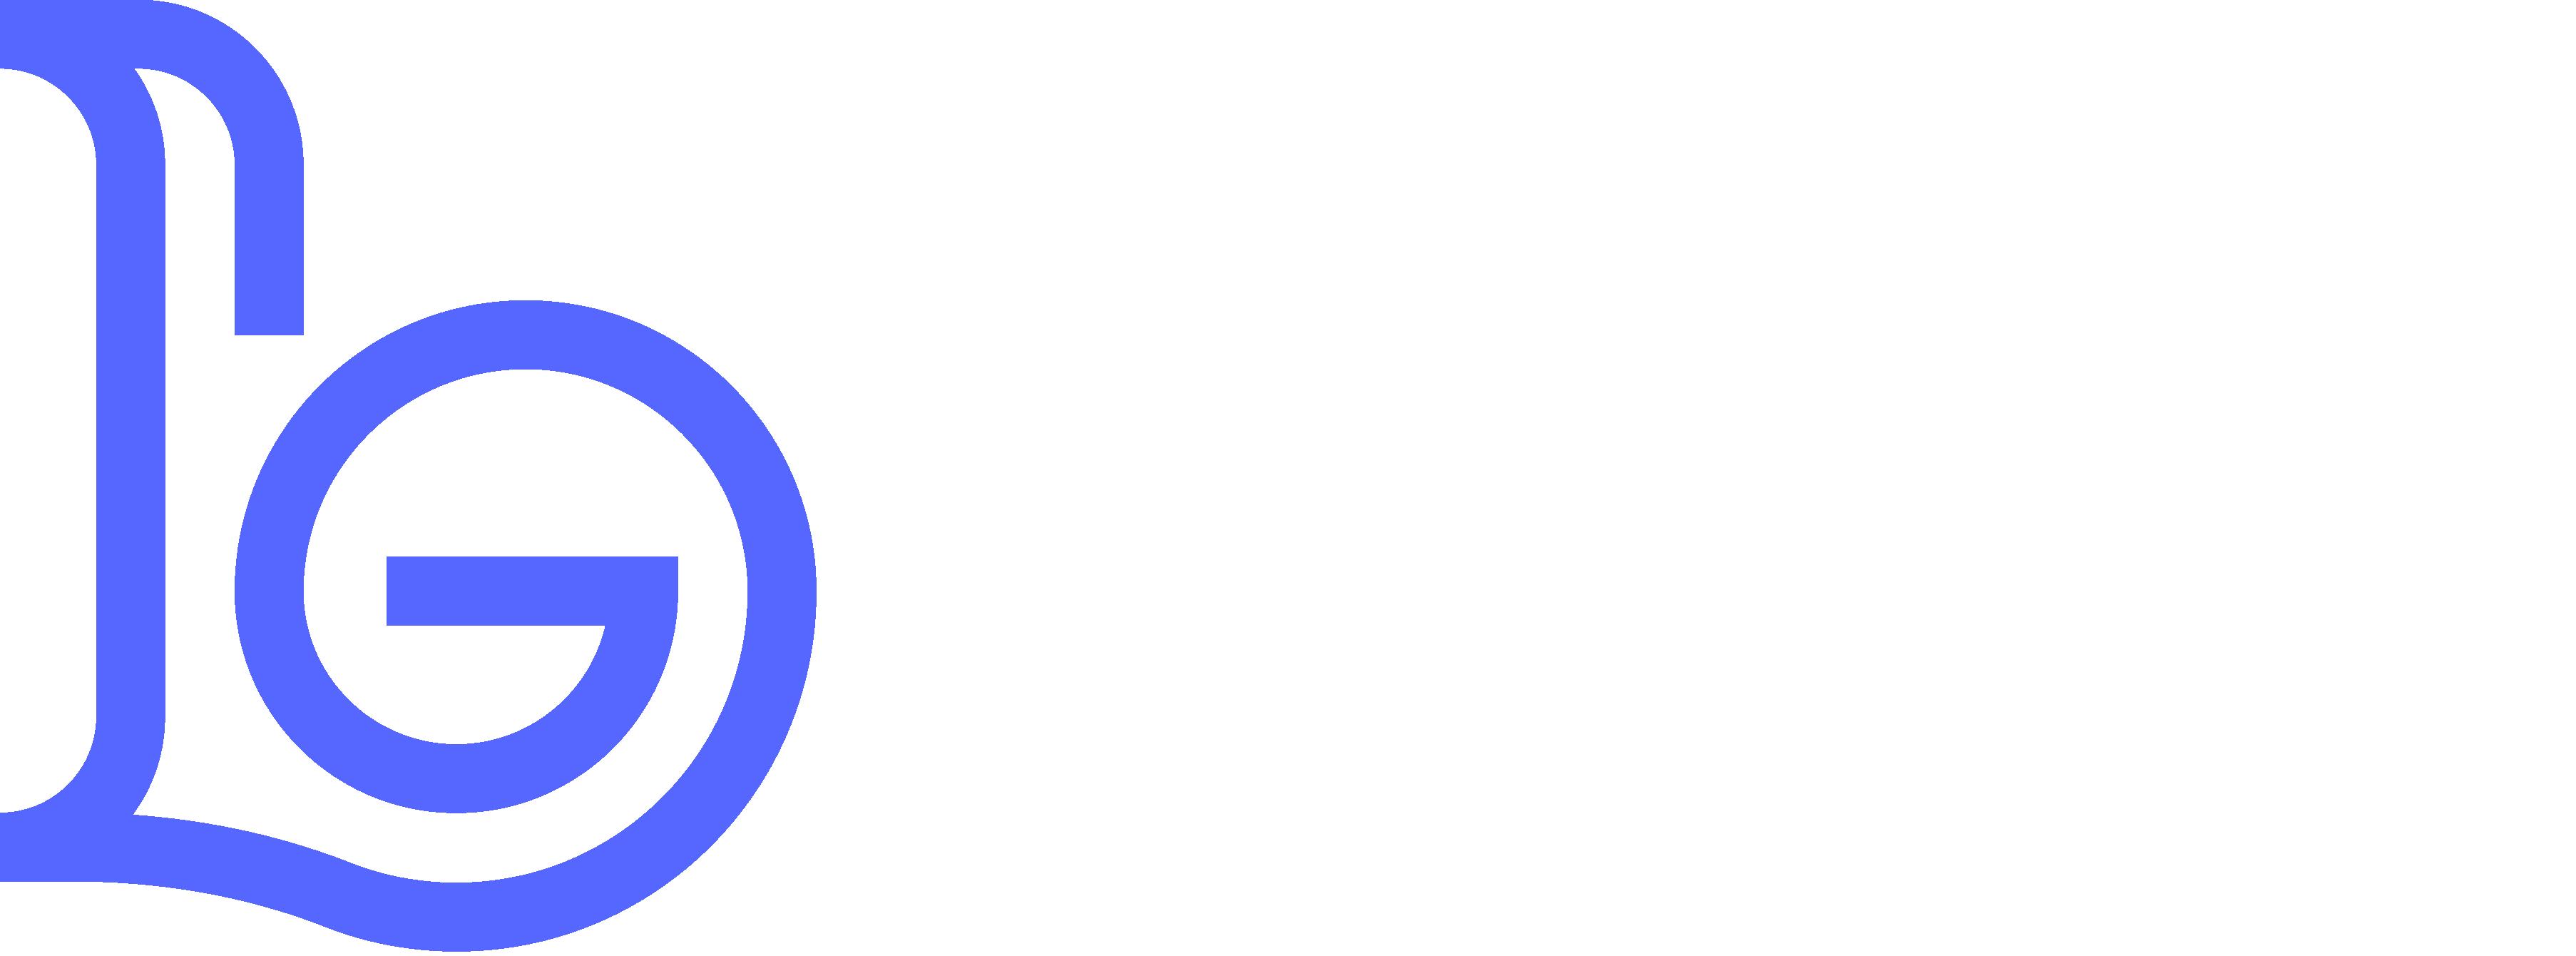 Brice Guerreiro